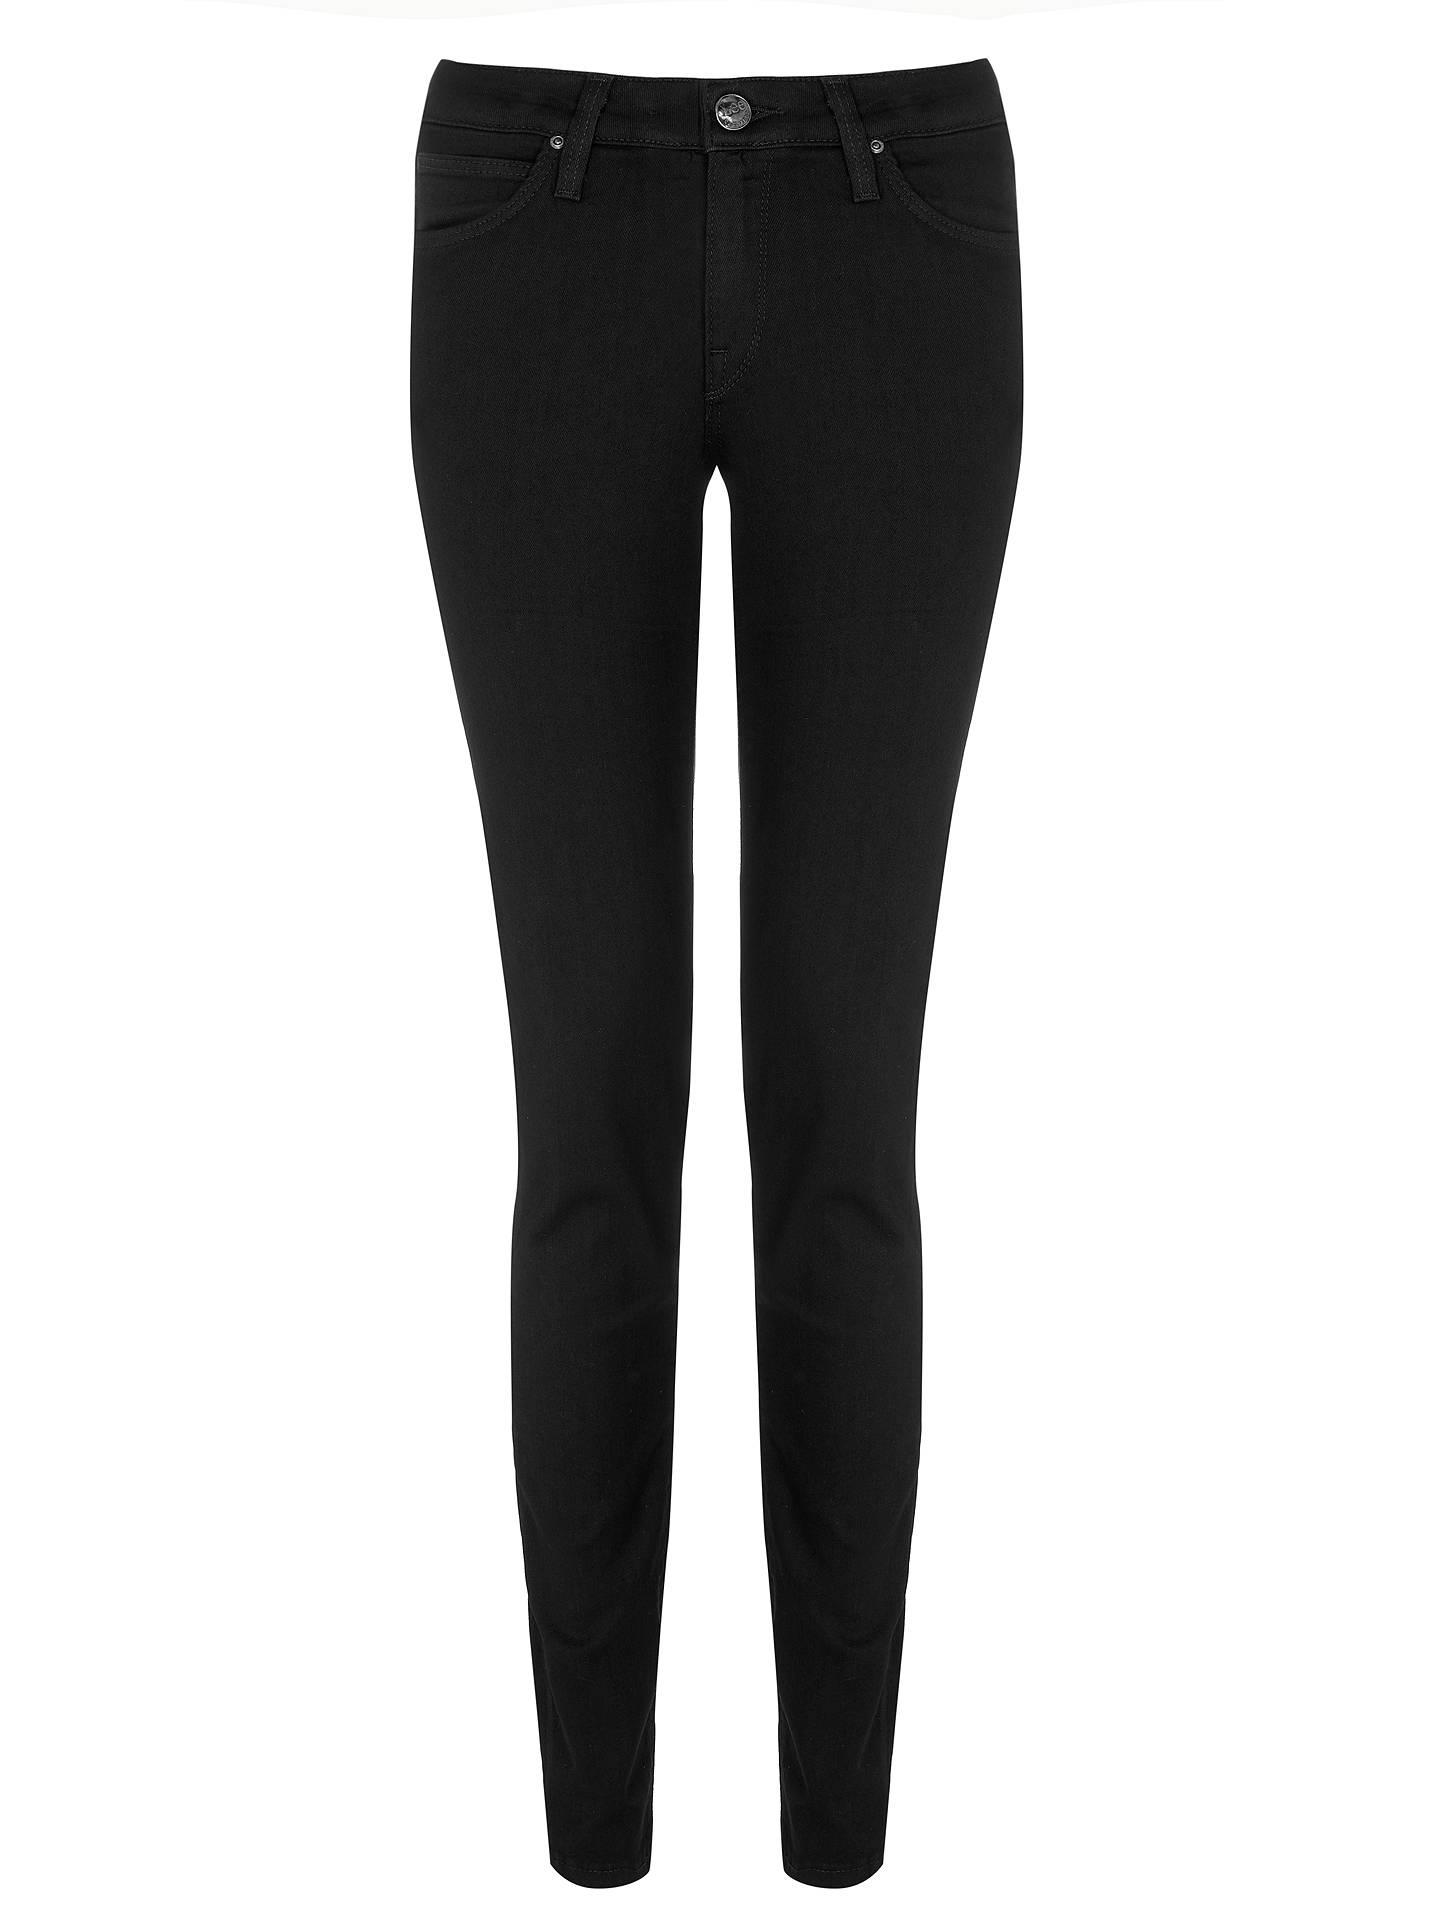 7d3ca132e05 ... Buy Lee Scarlett Regular Waist Skinny Jeans